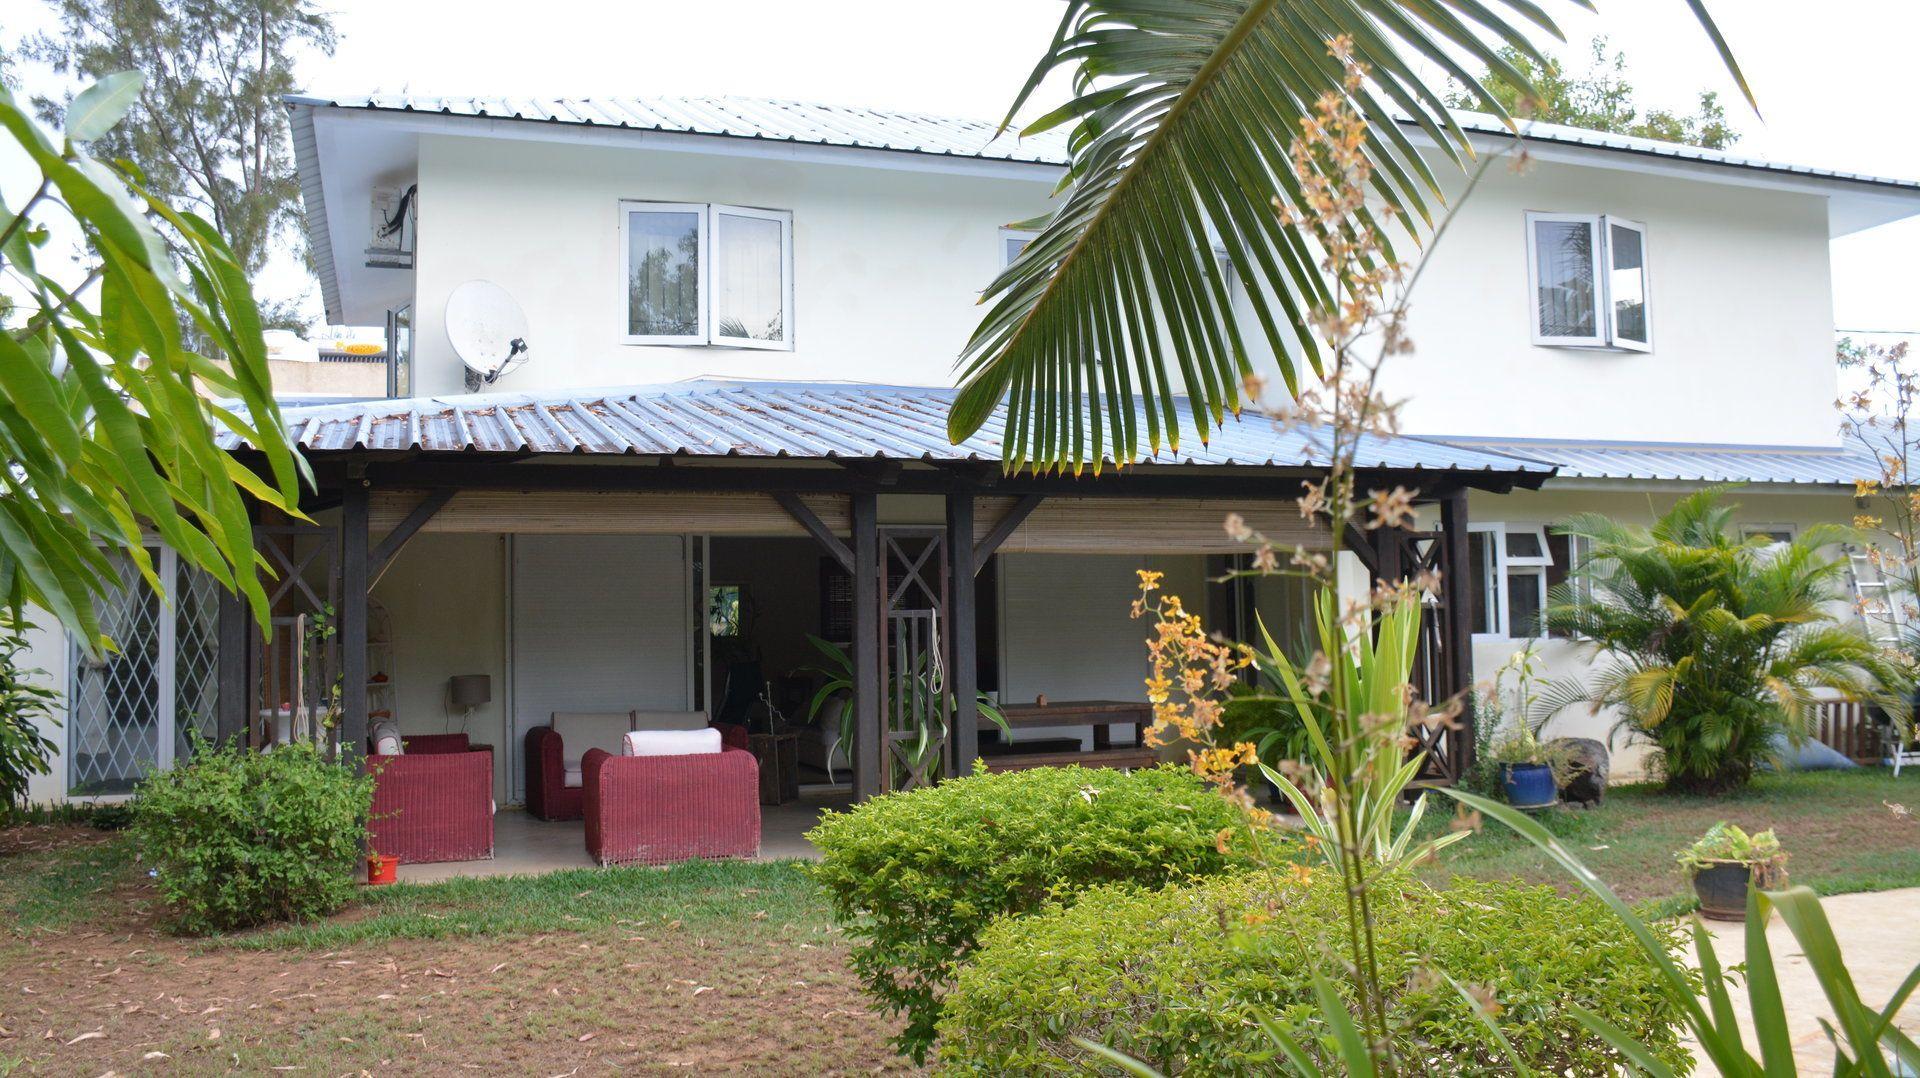 Maison à louer 7 720m2 à Ile Maurice vignette-4